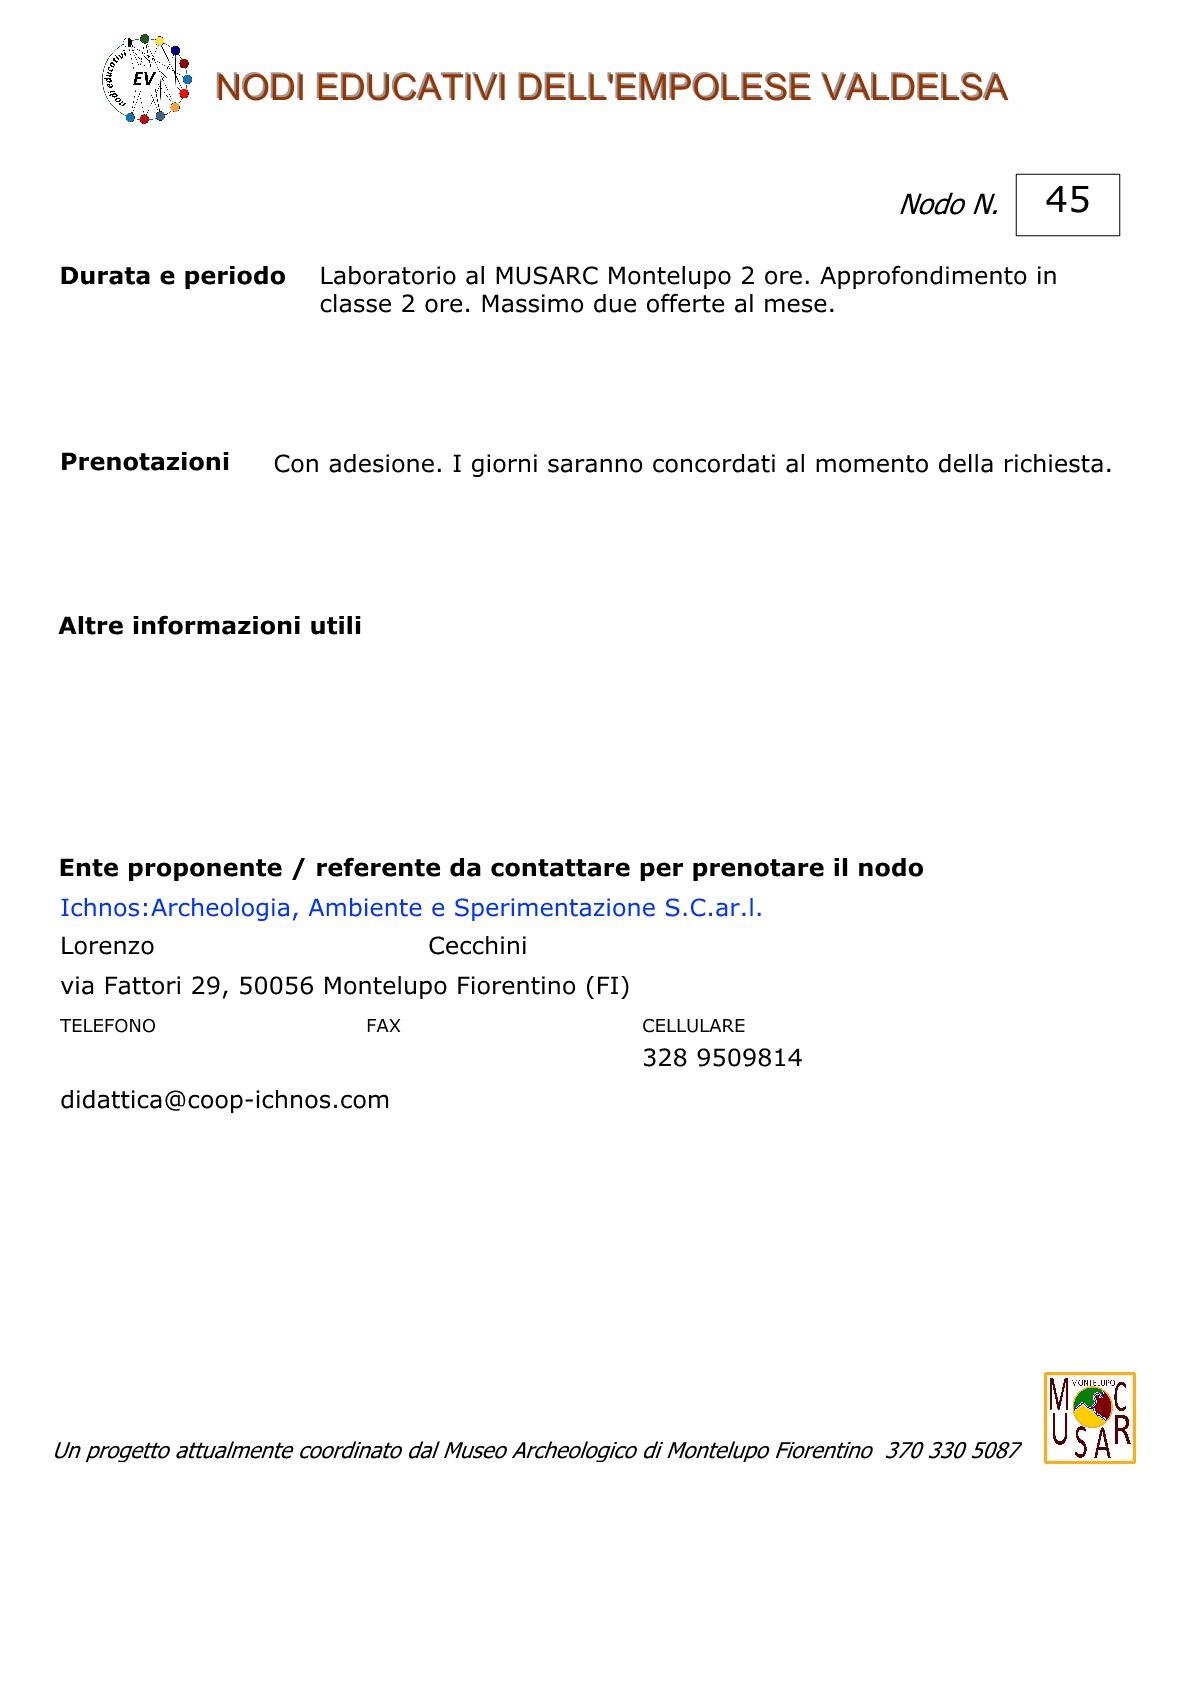 nodi-ev-161001-n-0453